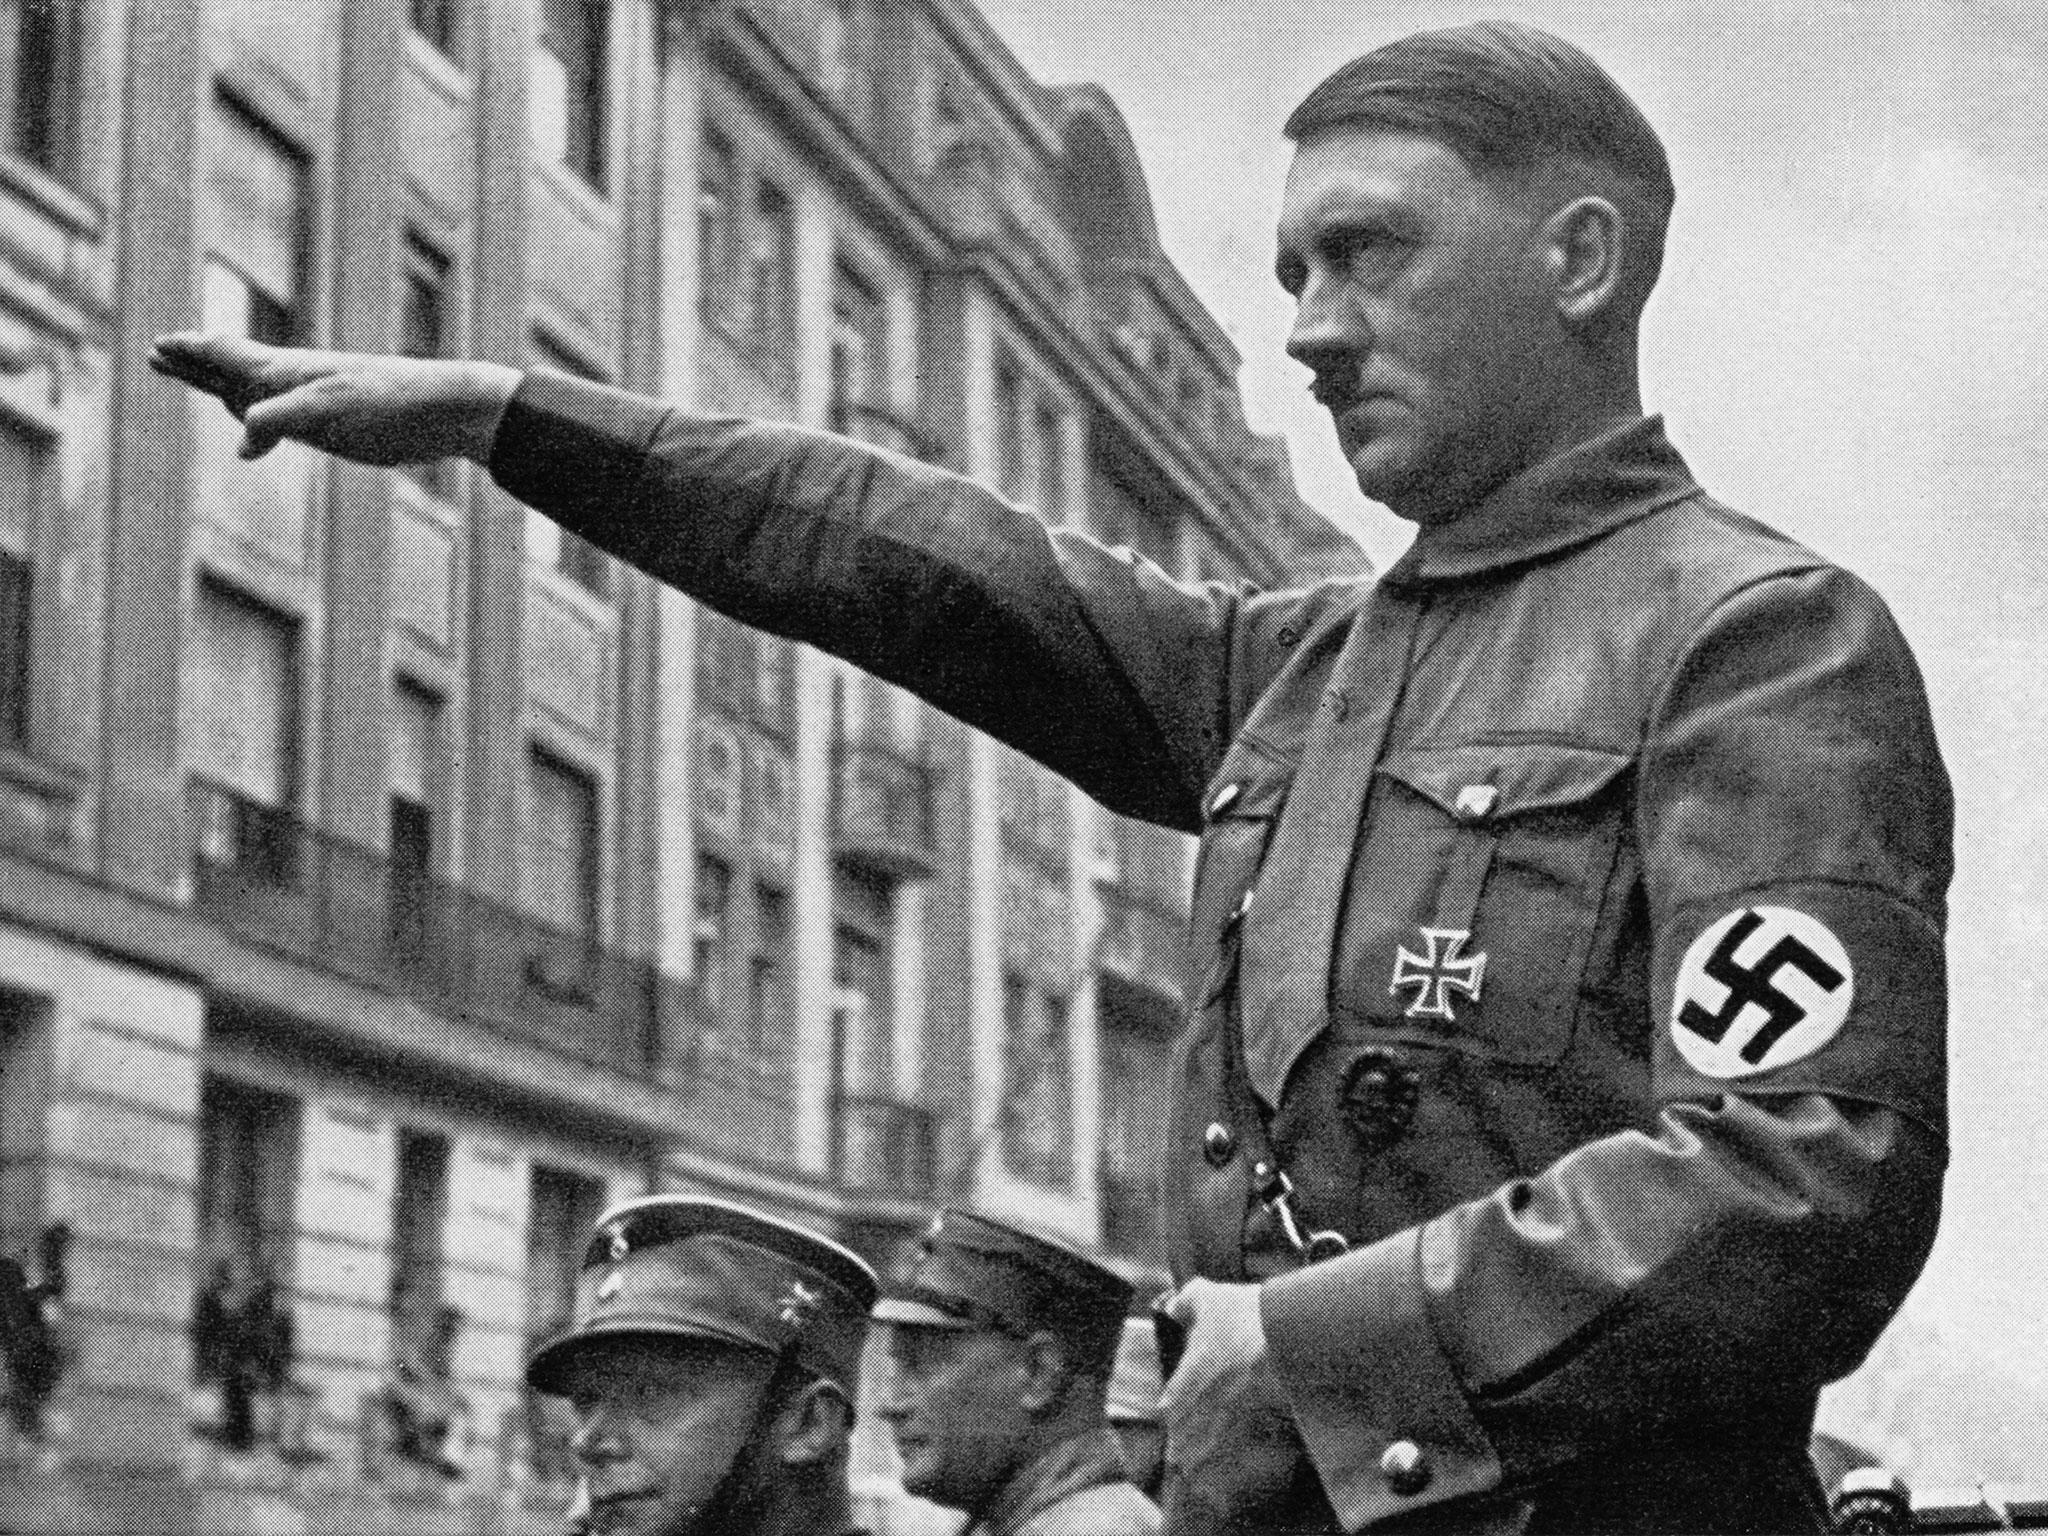 Historický kalendár: Narodenie Hitlera či koniec teroristickej Frakcie Červenej armády. Čím je slávny 20. apríl?